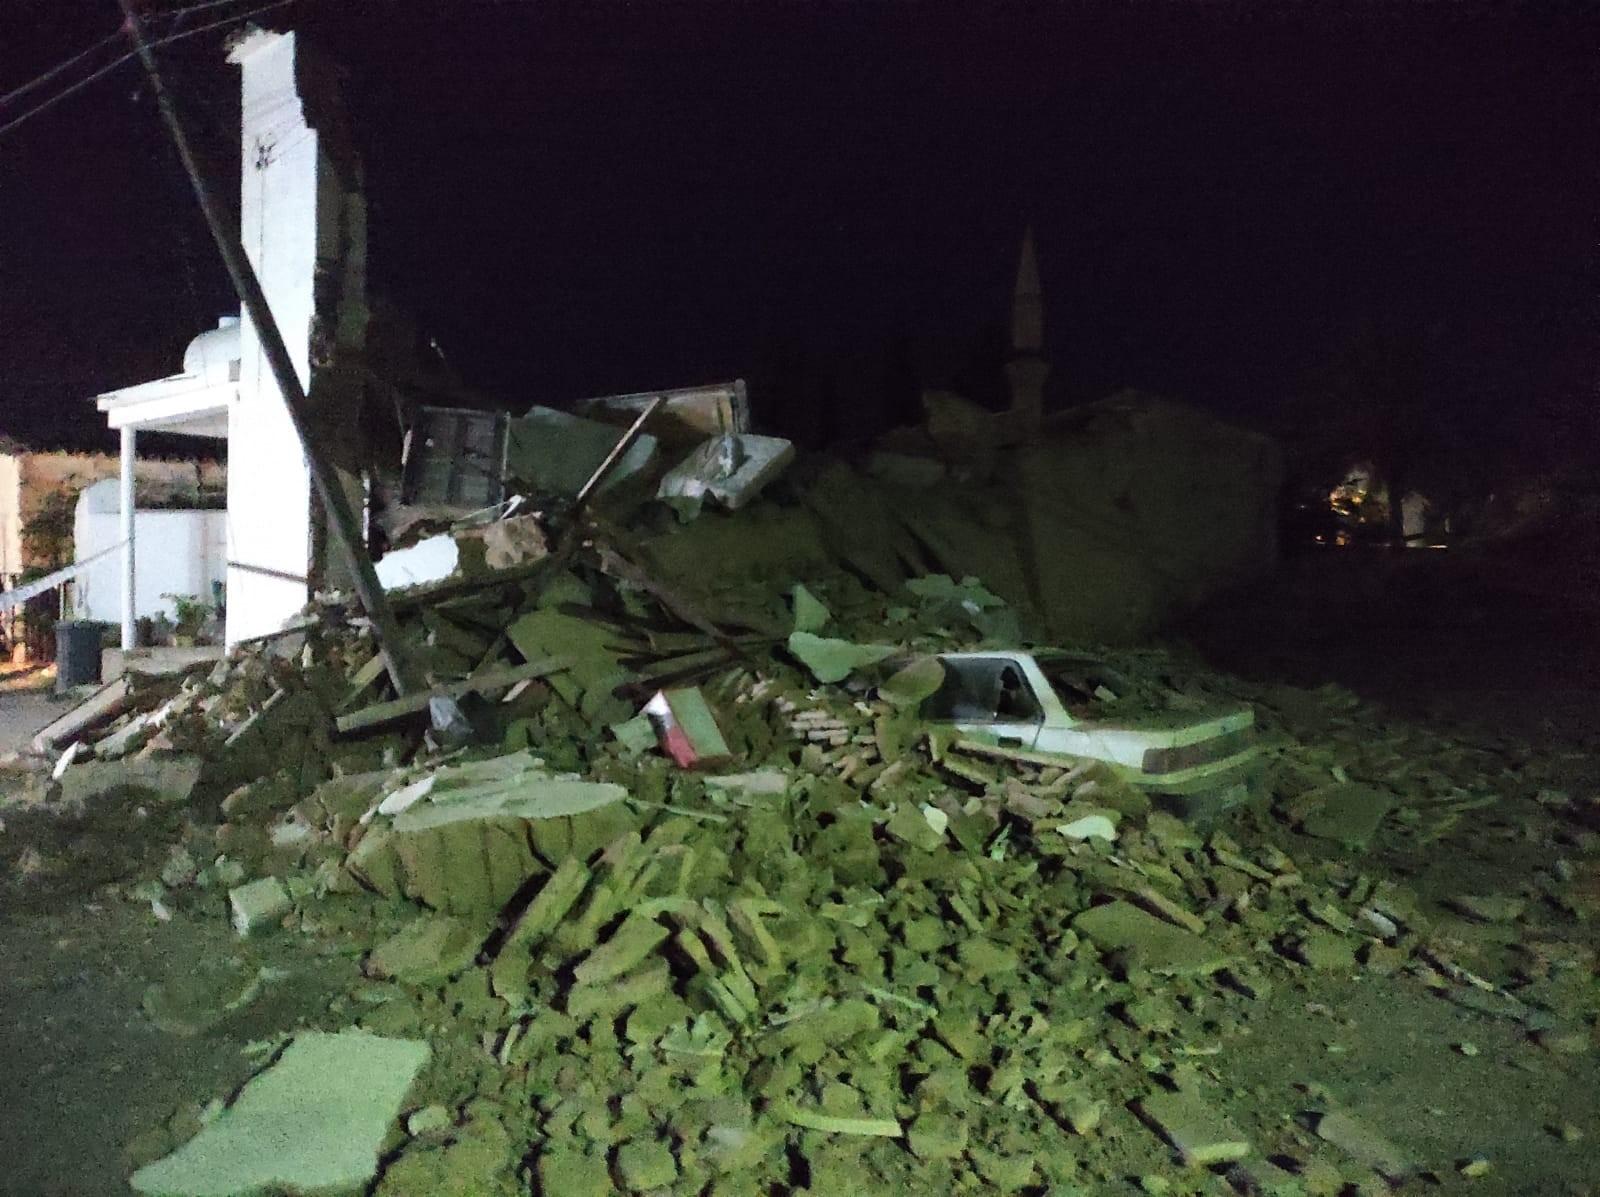 KKTC'de 2 Katlı Bina Çöktü: 1 Ölü